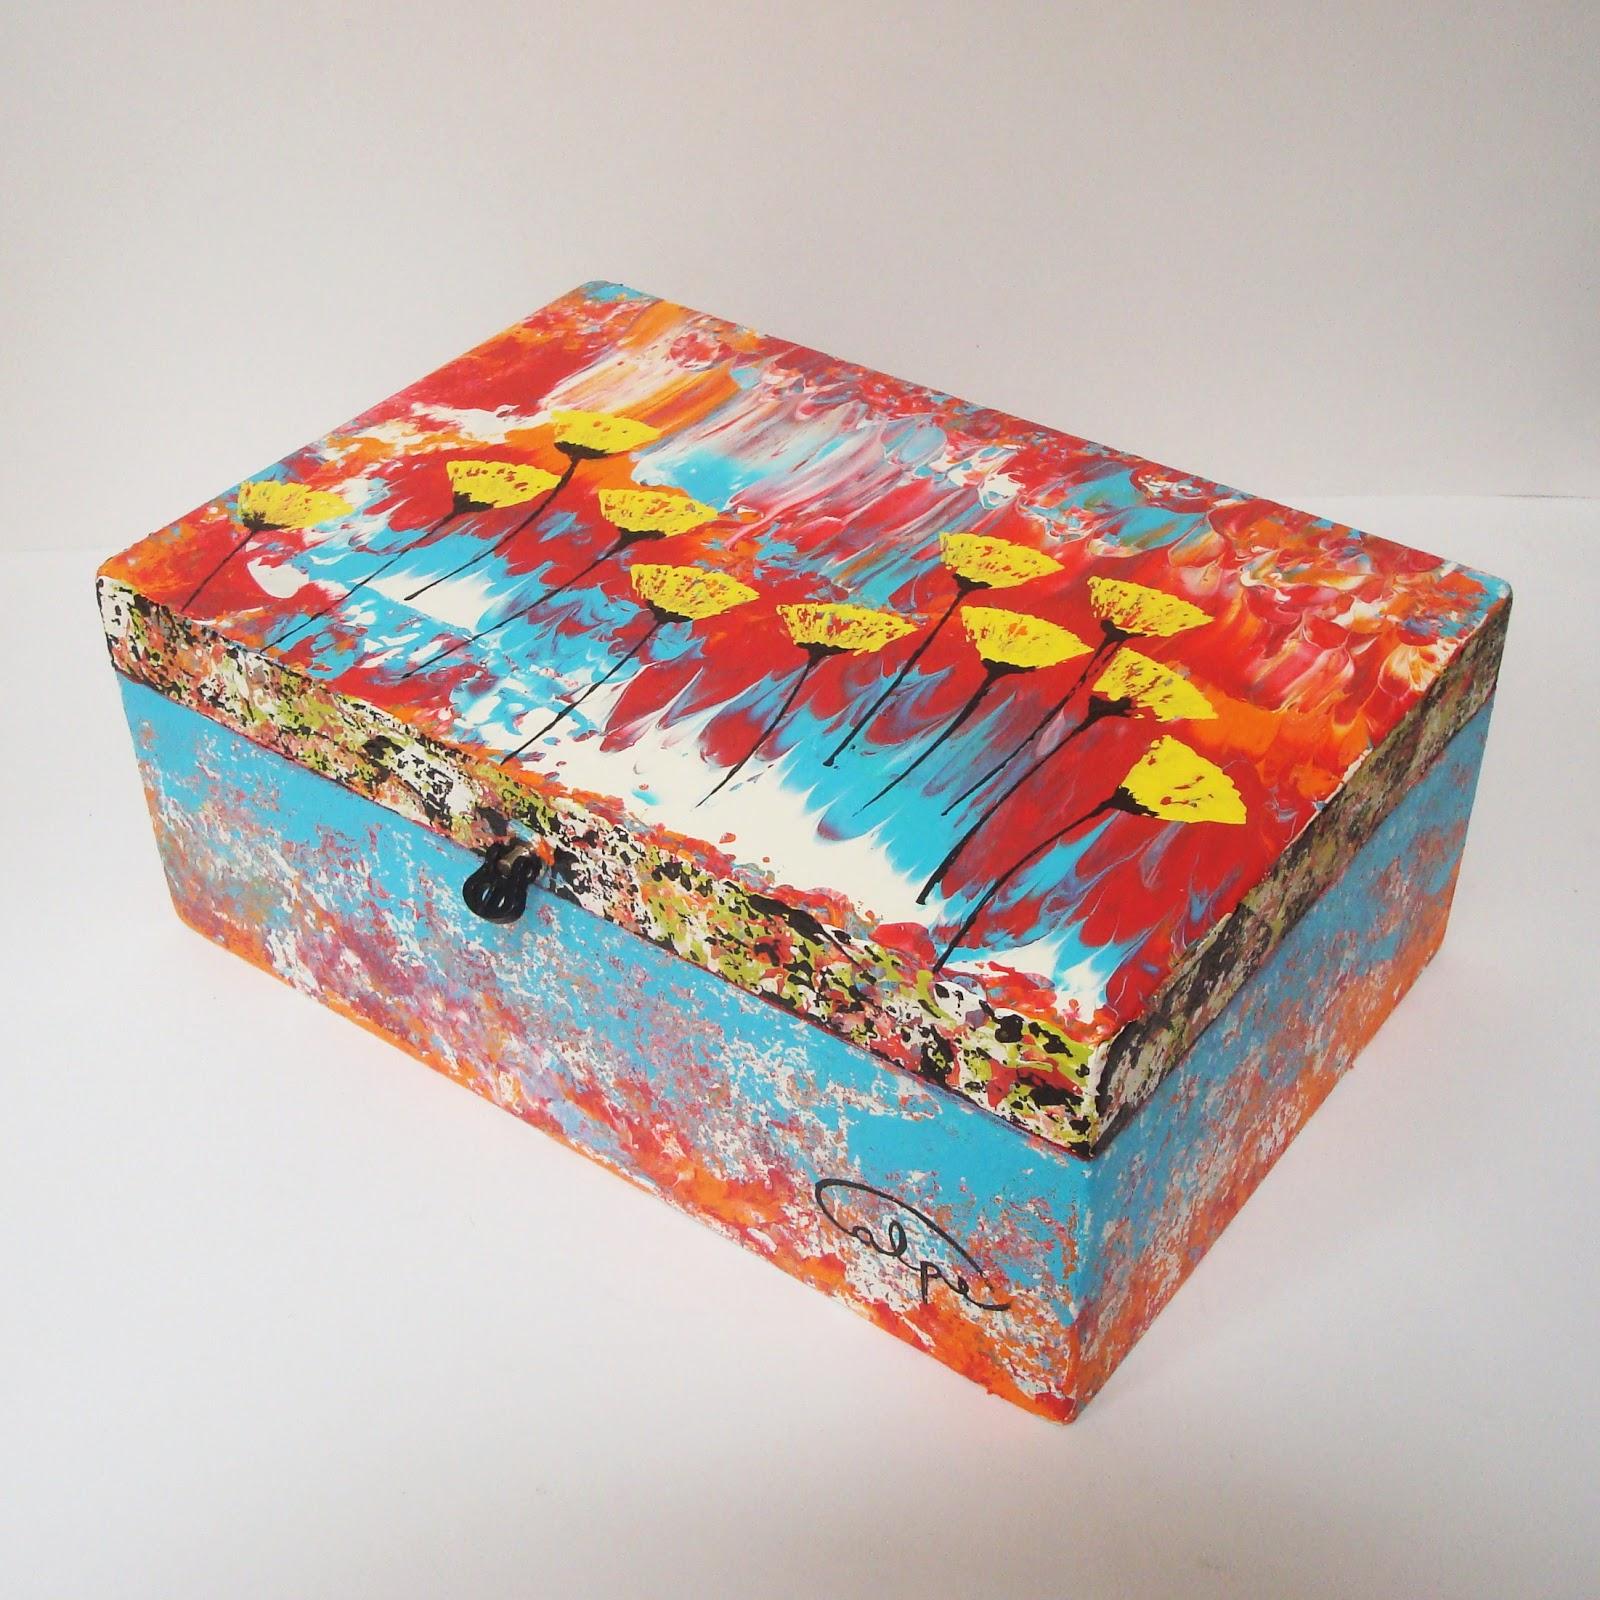 Calpearts cajas pintadas a mano - Cajas decoradas a mano ...